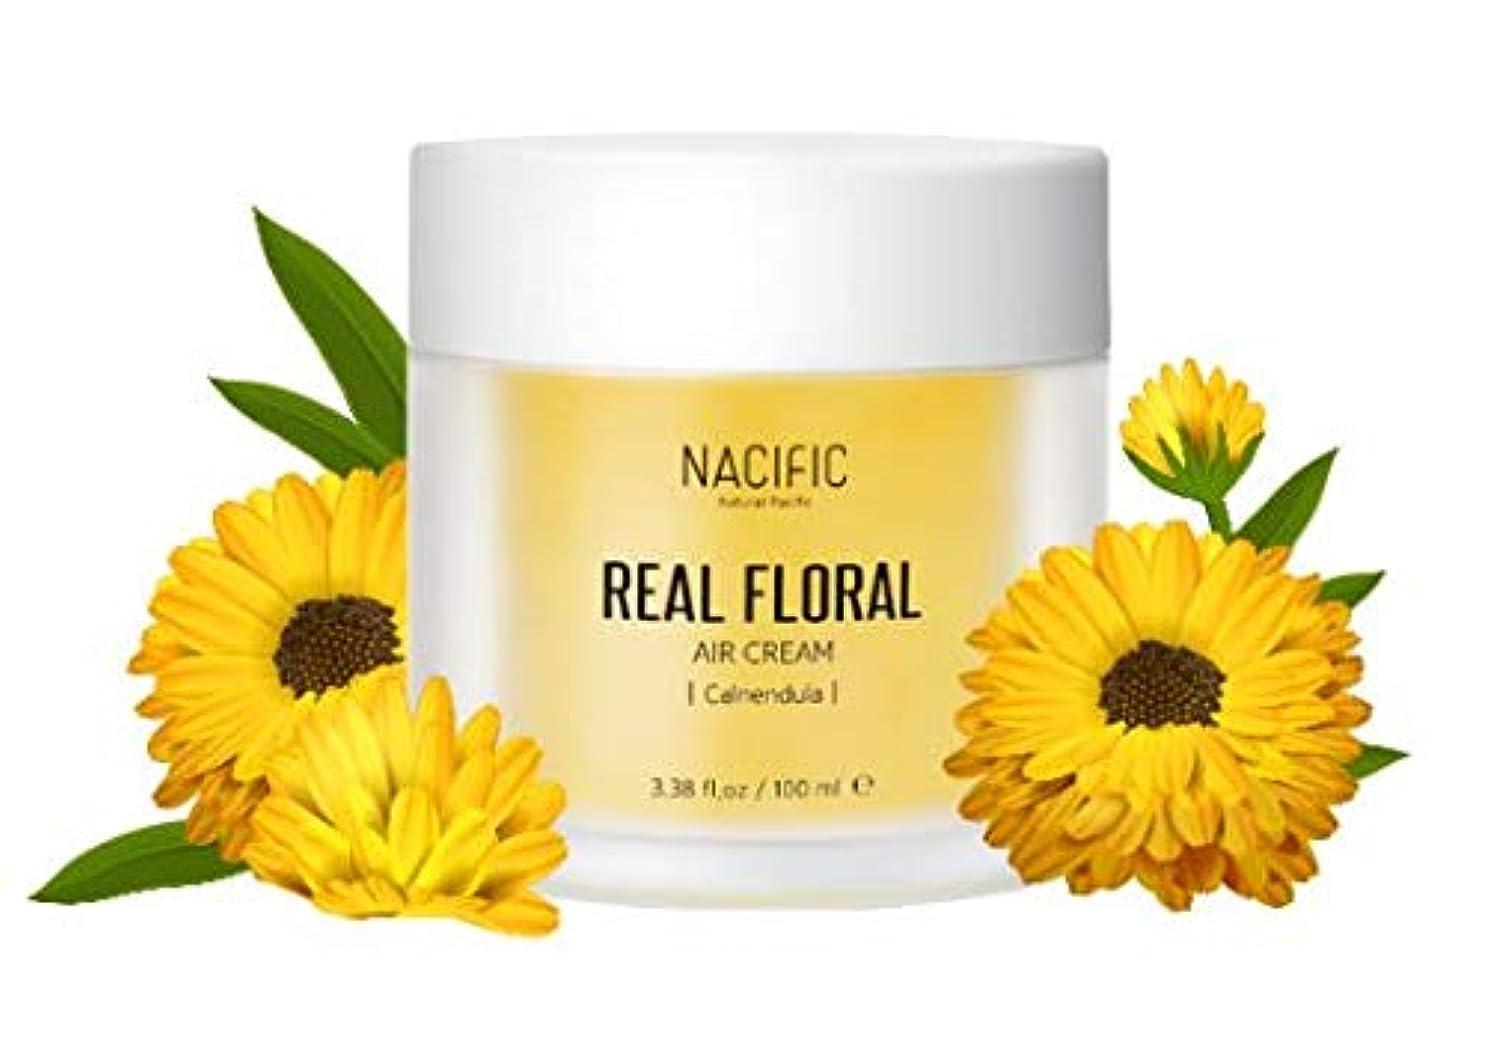 鉛民族主義代表団[Nacific] Real Floral Air Cream 100ml (Calendula) /[ナフィック] リアル カレンデュラ エア クリーム 100ml [並行輸入品]